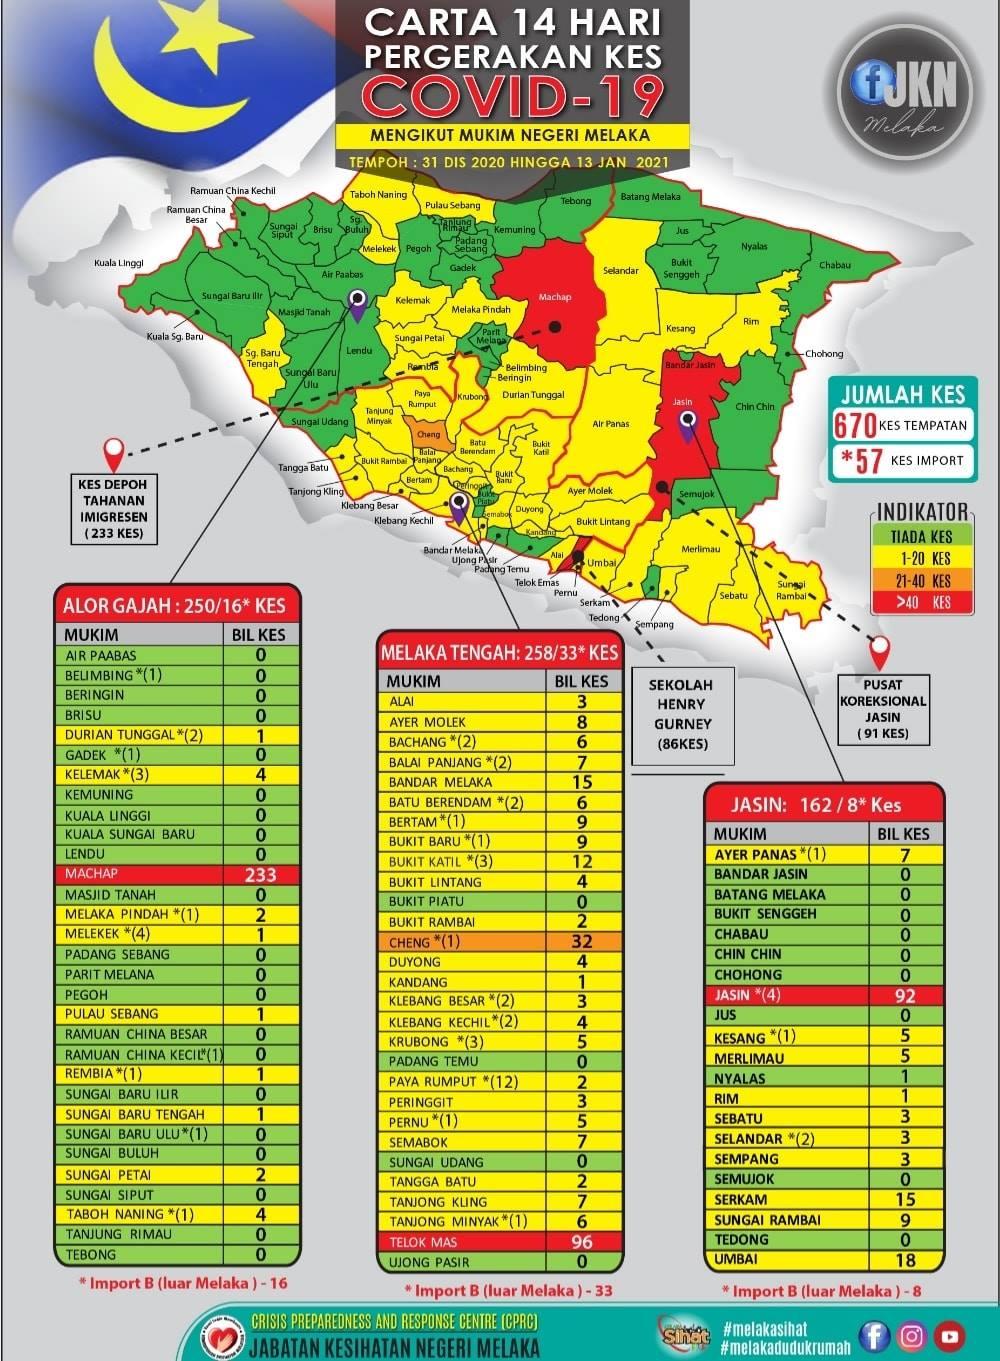 甲州尚有365宗治疗中病例。